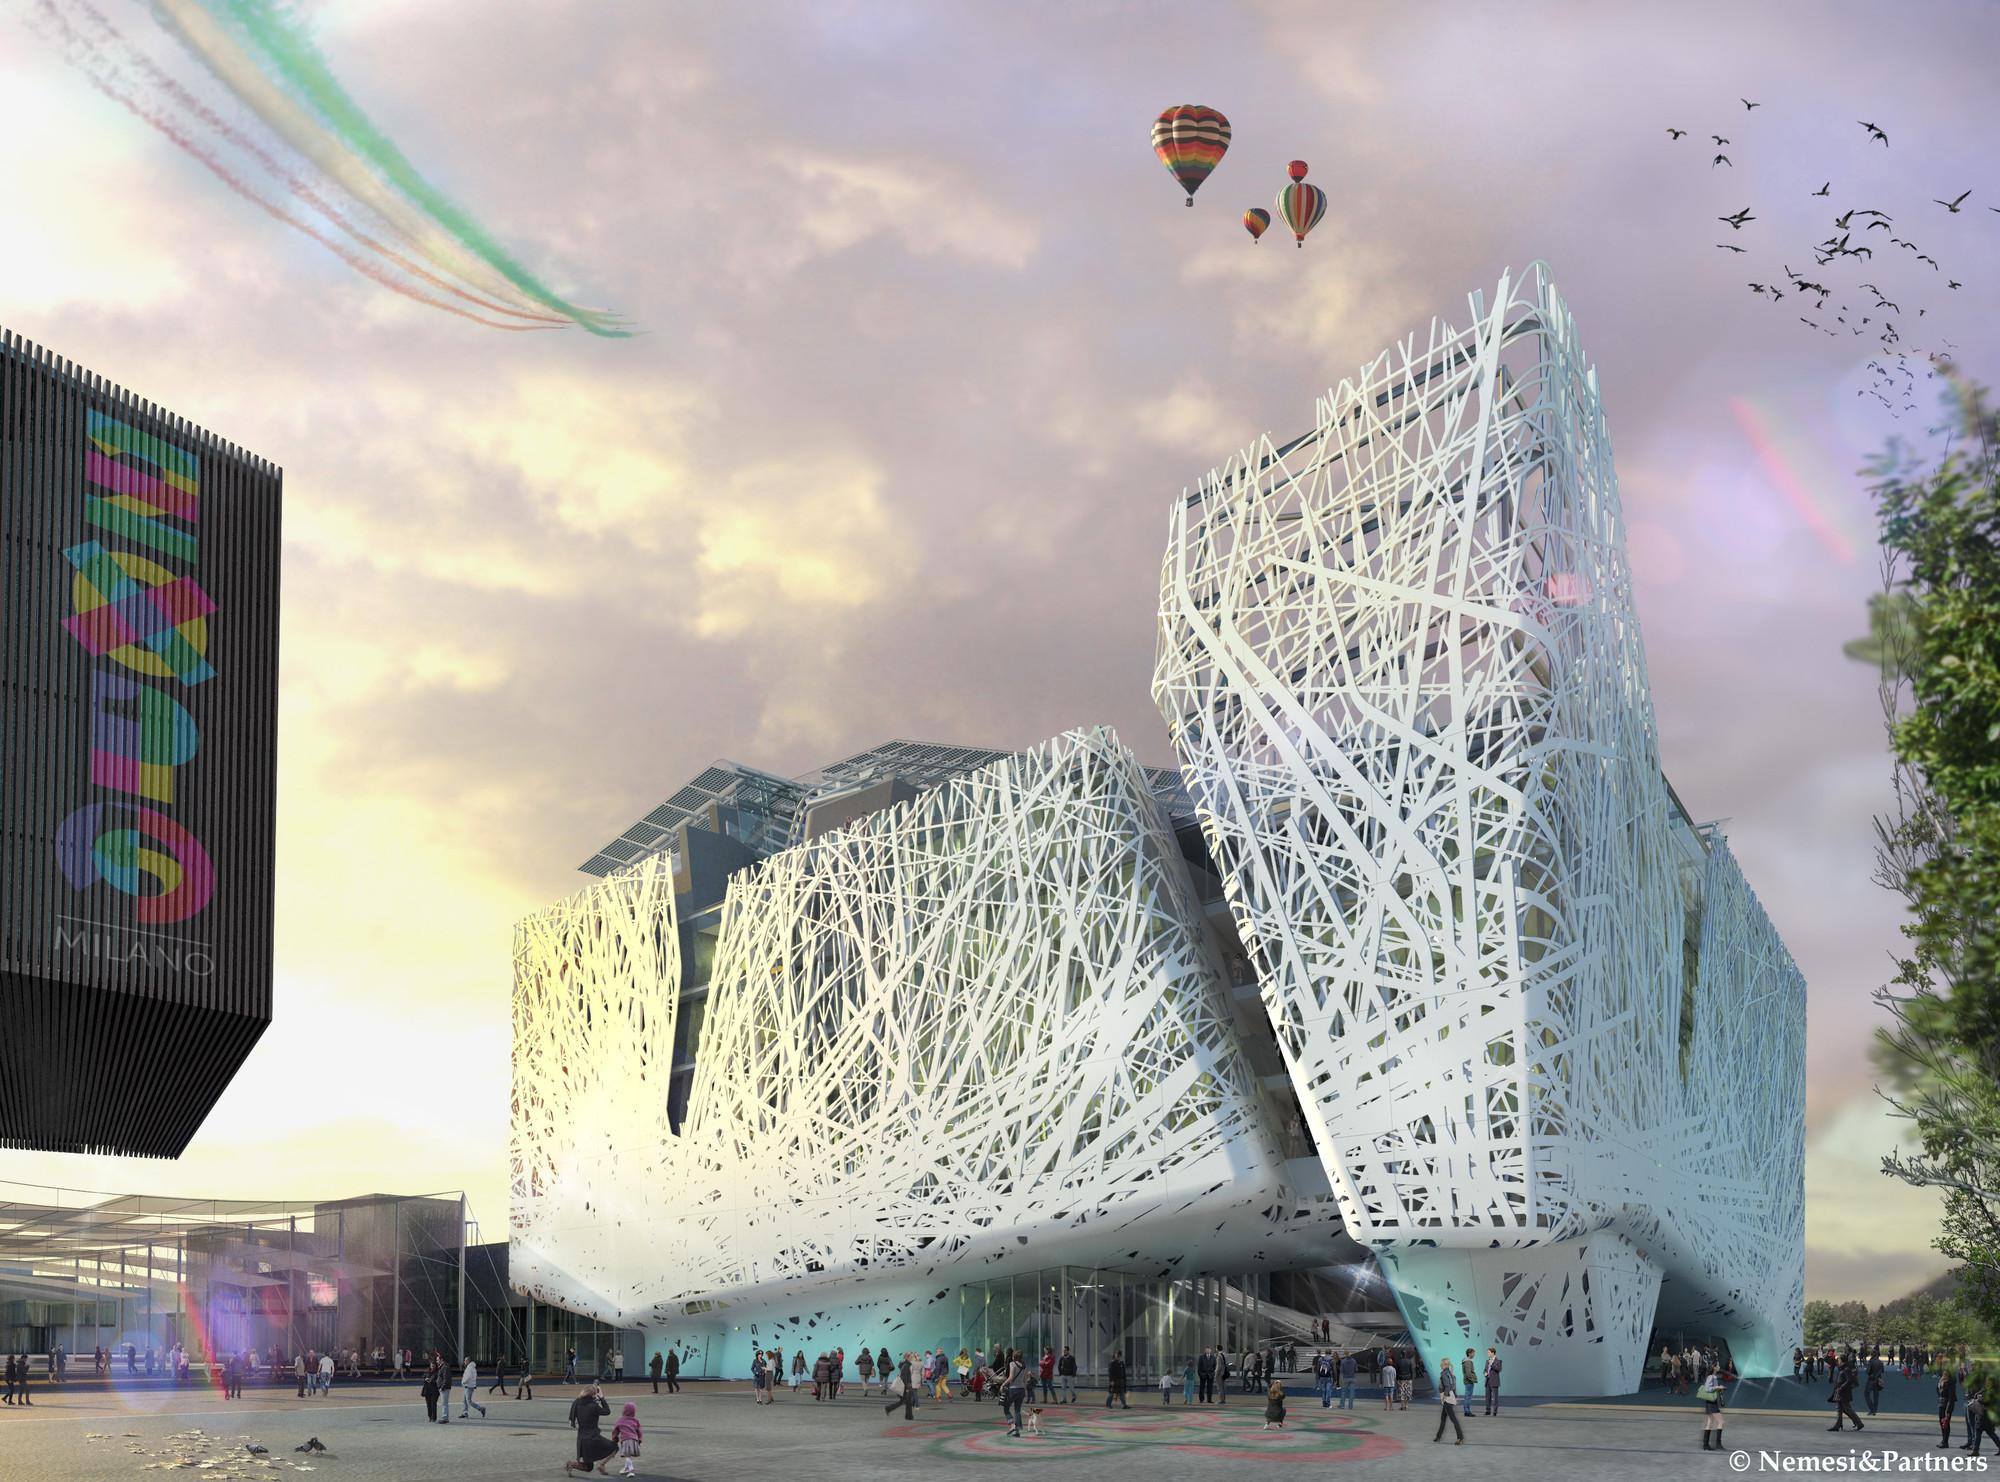 Expo Milán 2015: Nemesi & Partners anuncian Pabellón de Italia que consume smog , Entrada principal. Imagen © Nemesi & Partners